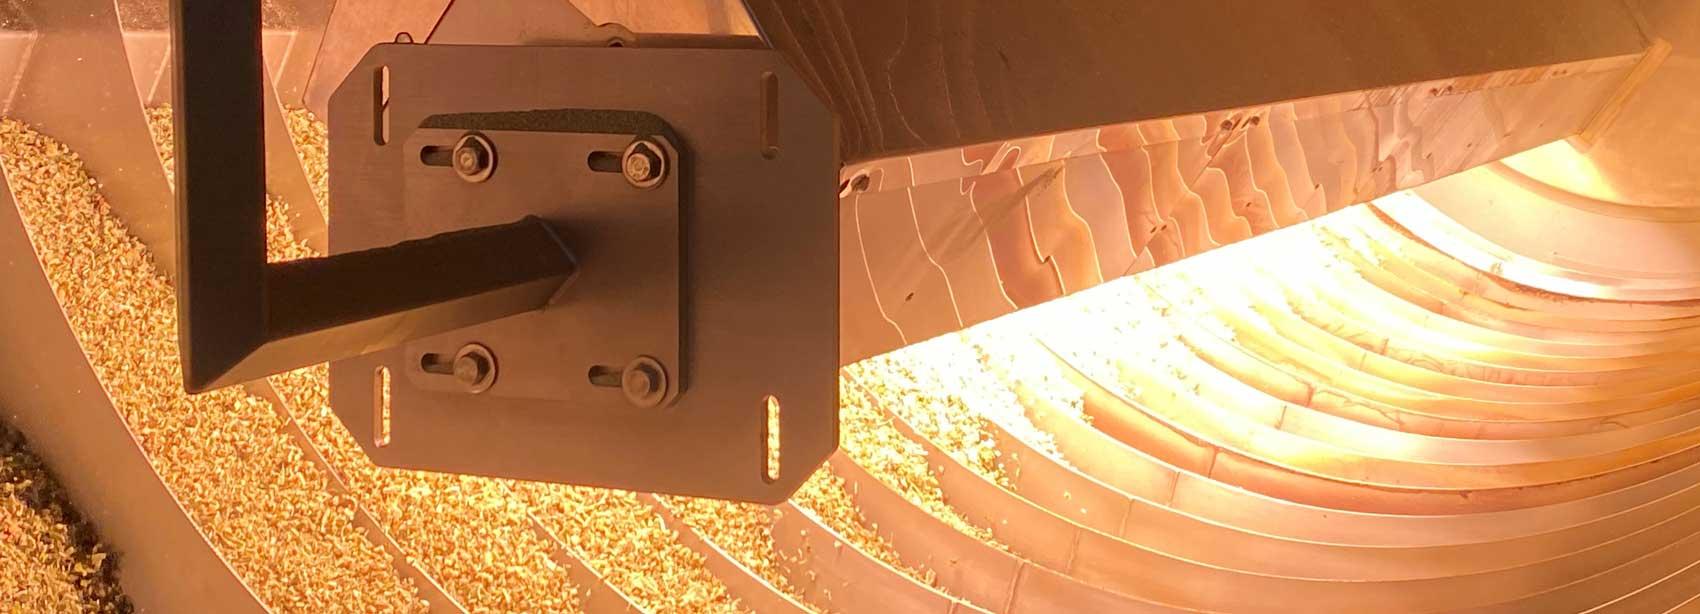 Infrared Device Pathogen Control